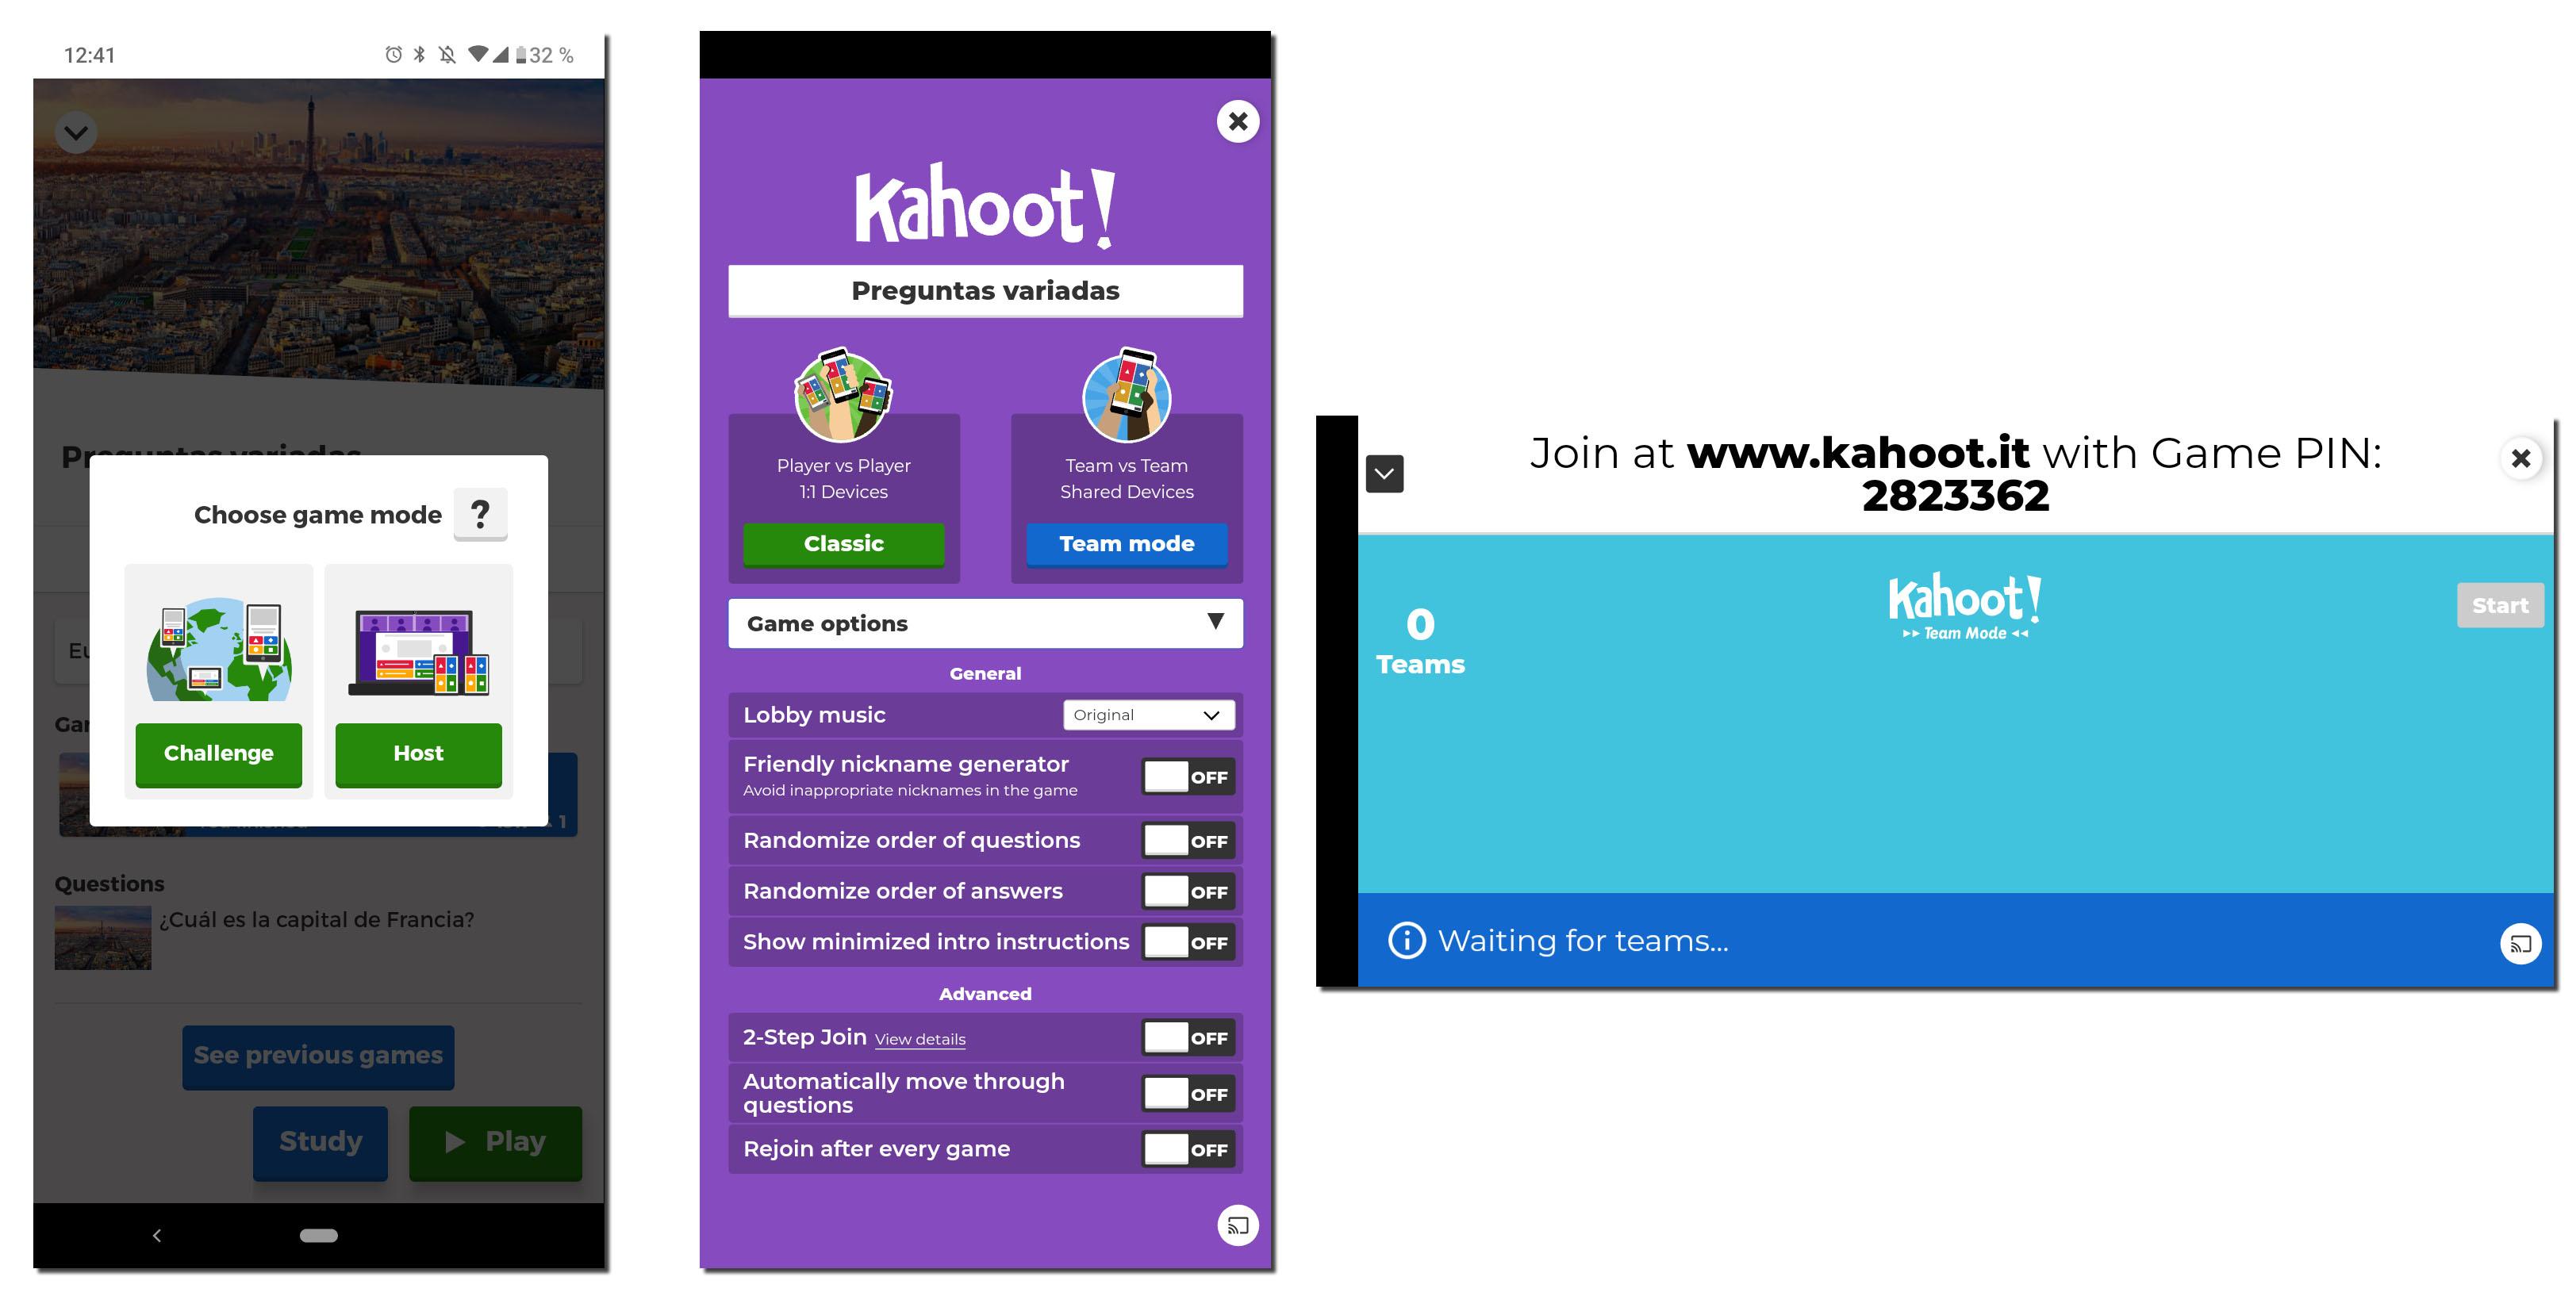 kahoot espanol jugar en linea